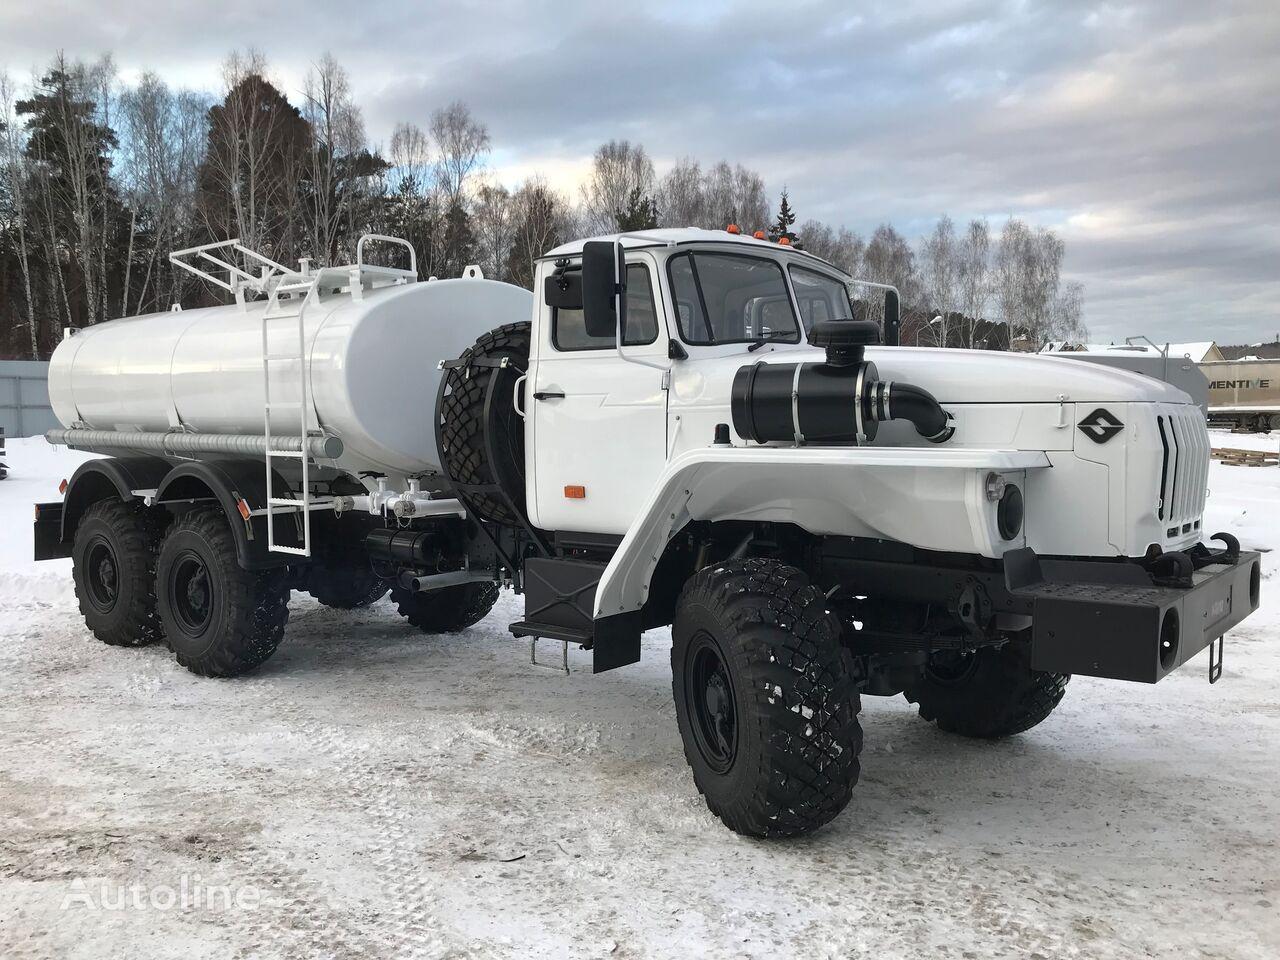 új URAL Avtomobil specialnyy 5677 avtocisterna dlya perevozki pitevoy  tartálykocsi teherautó